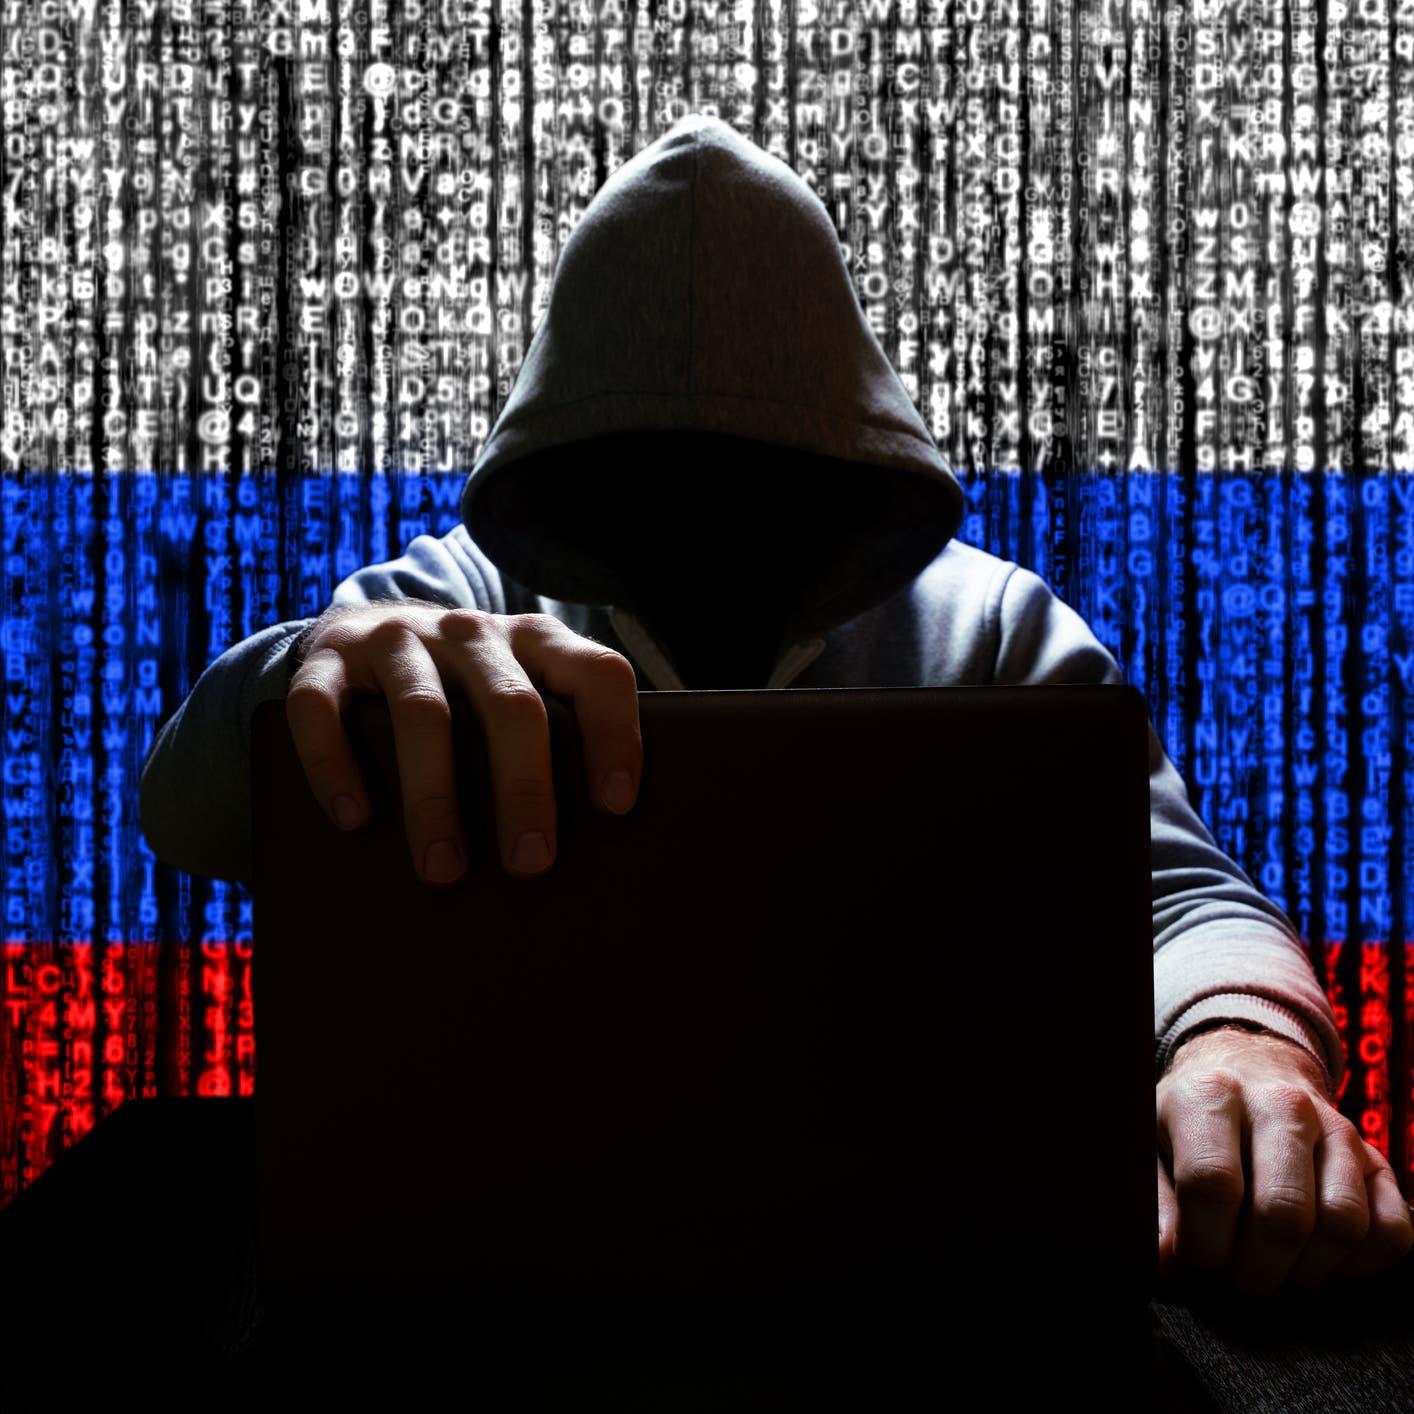 استبعاد روسيا من اجتماع أميركي-دولي لمحاربة برامج الفدية